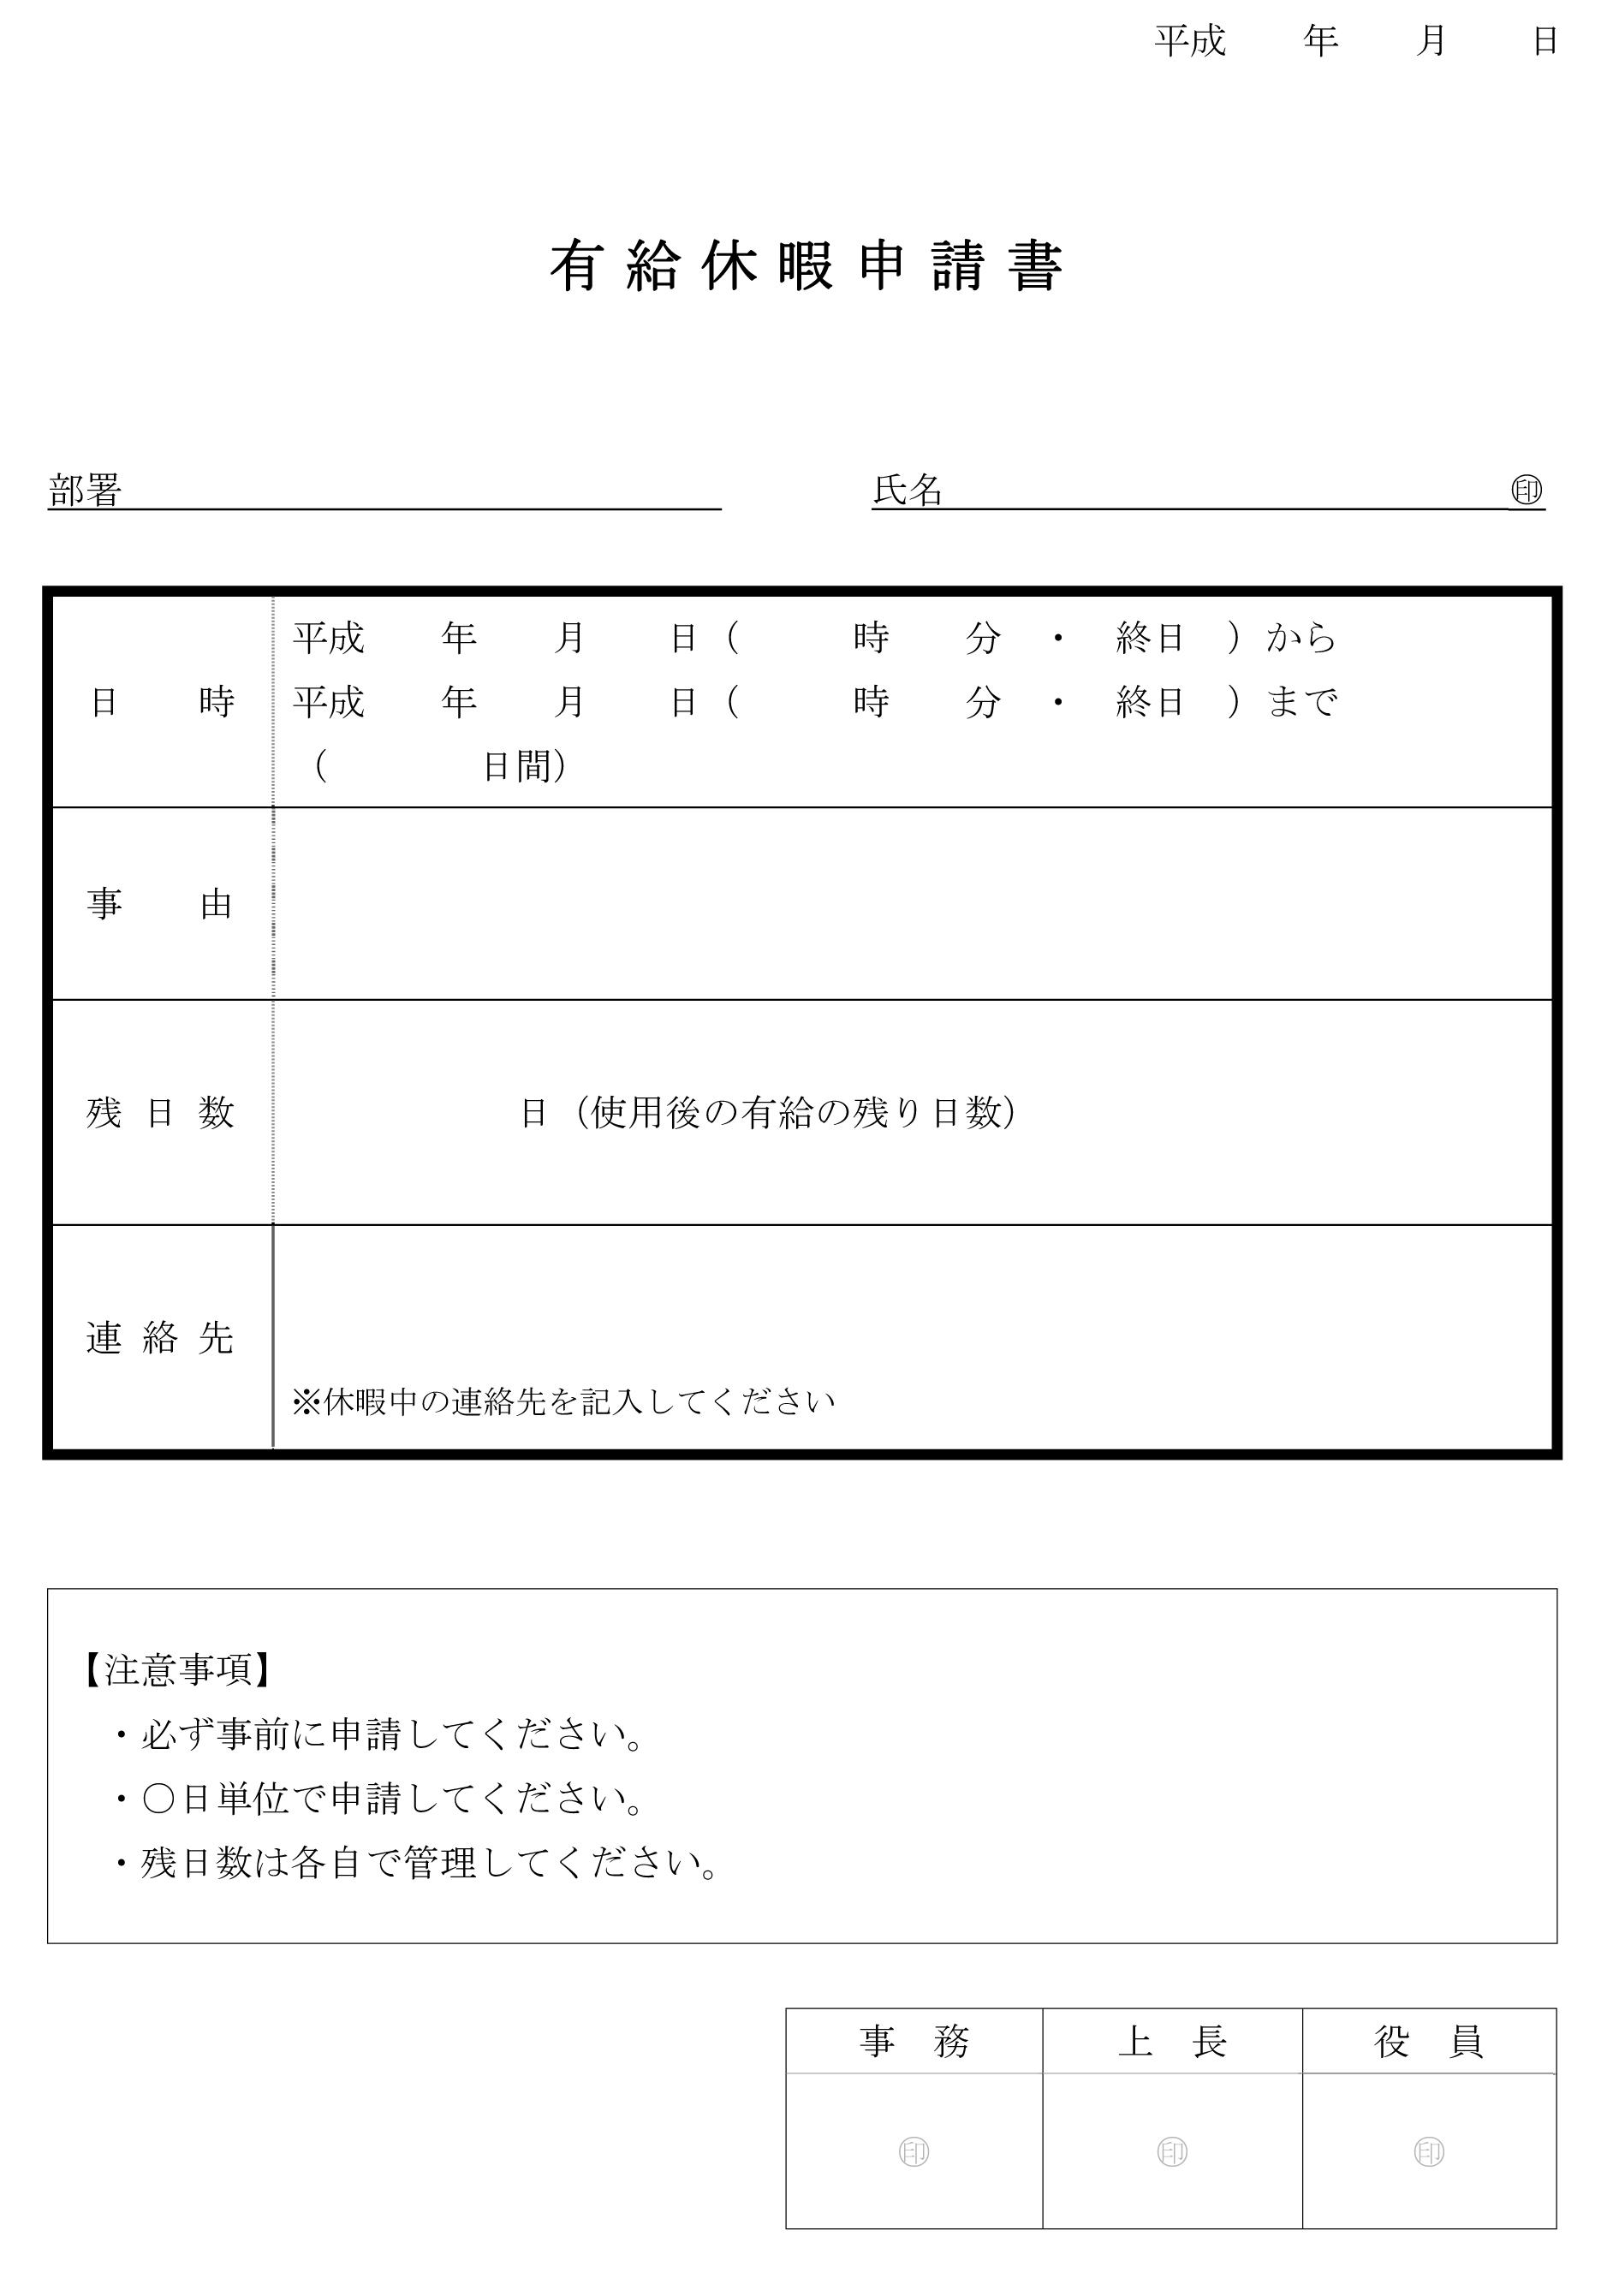 有給休暇申請書(枠あり)